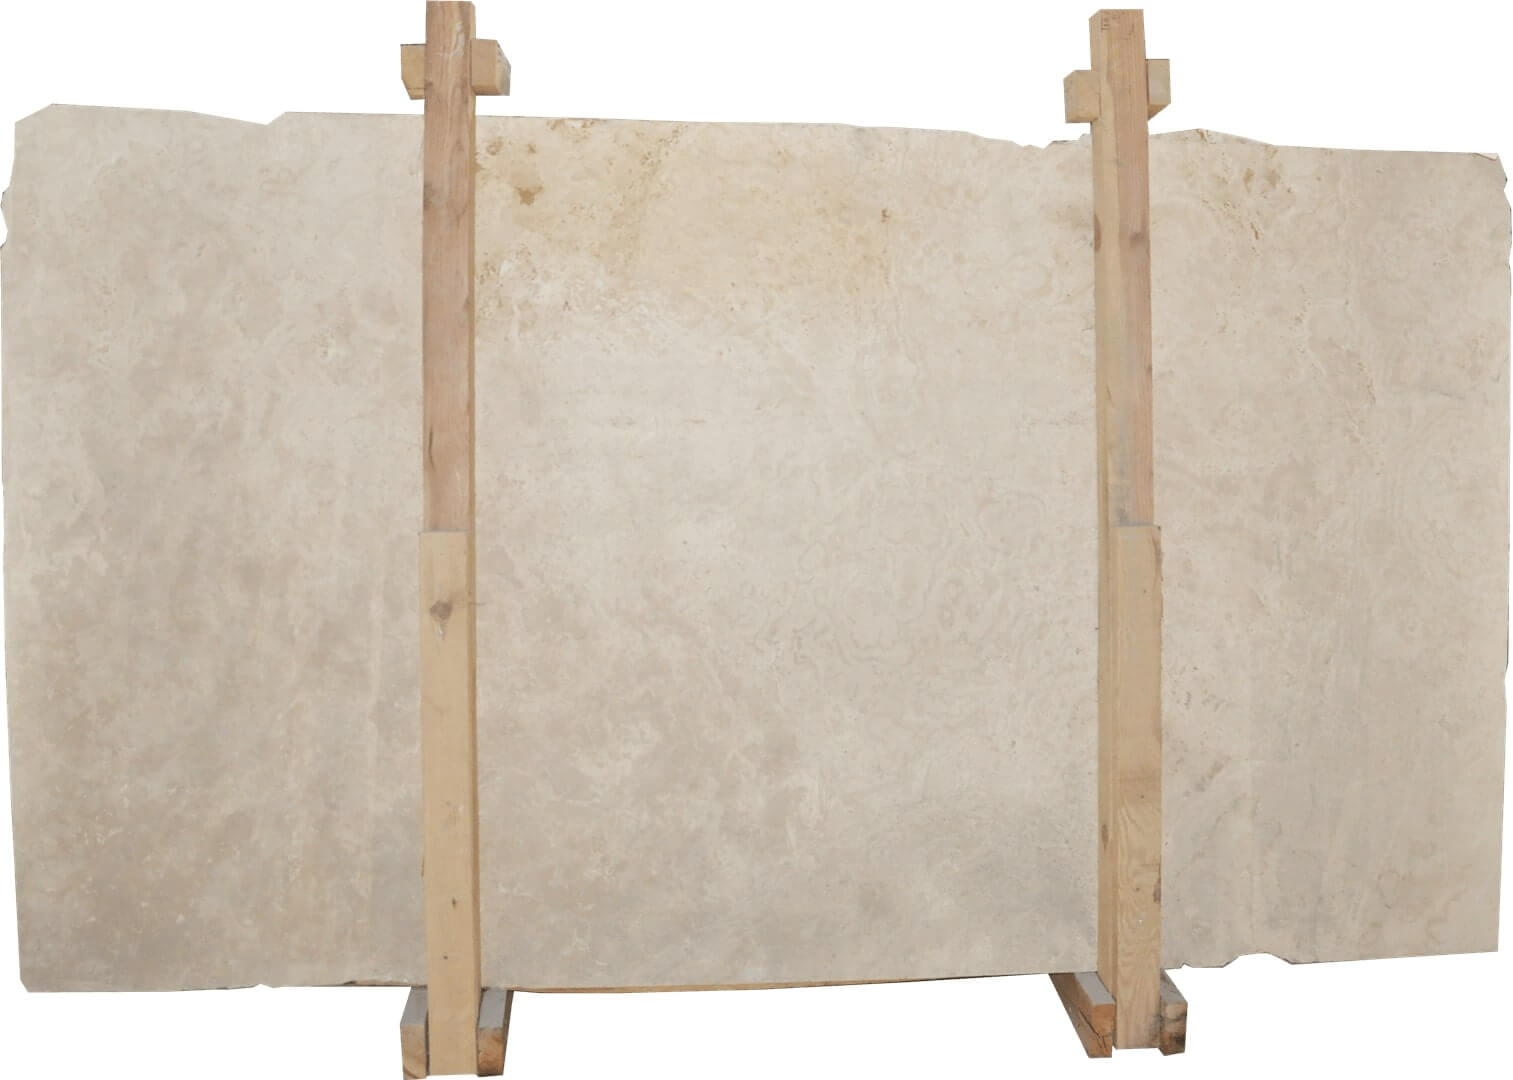 Denizli Classic Medium-Ivory Cream Travertine